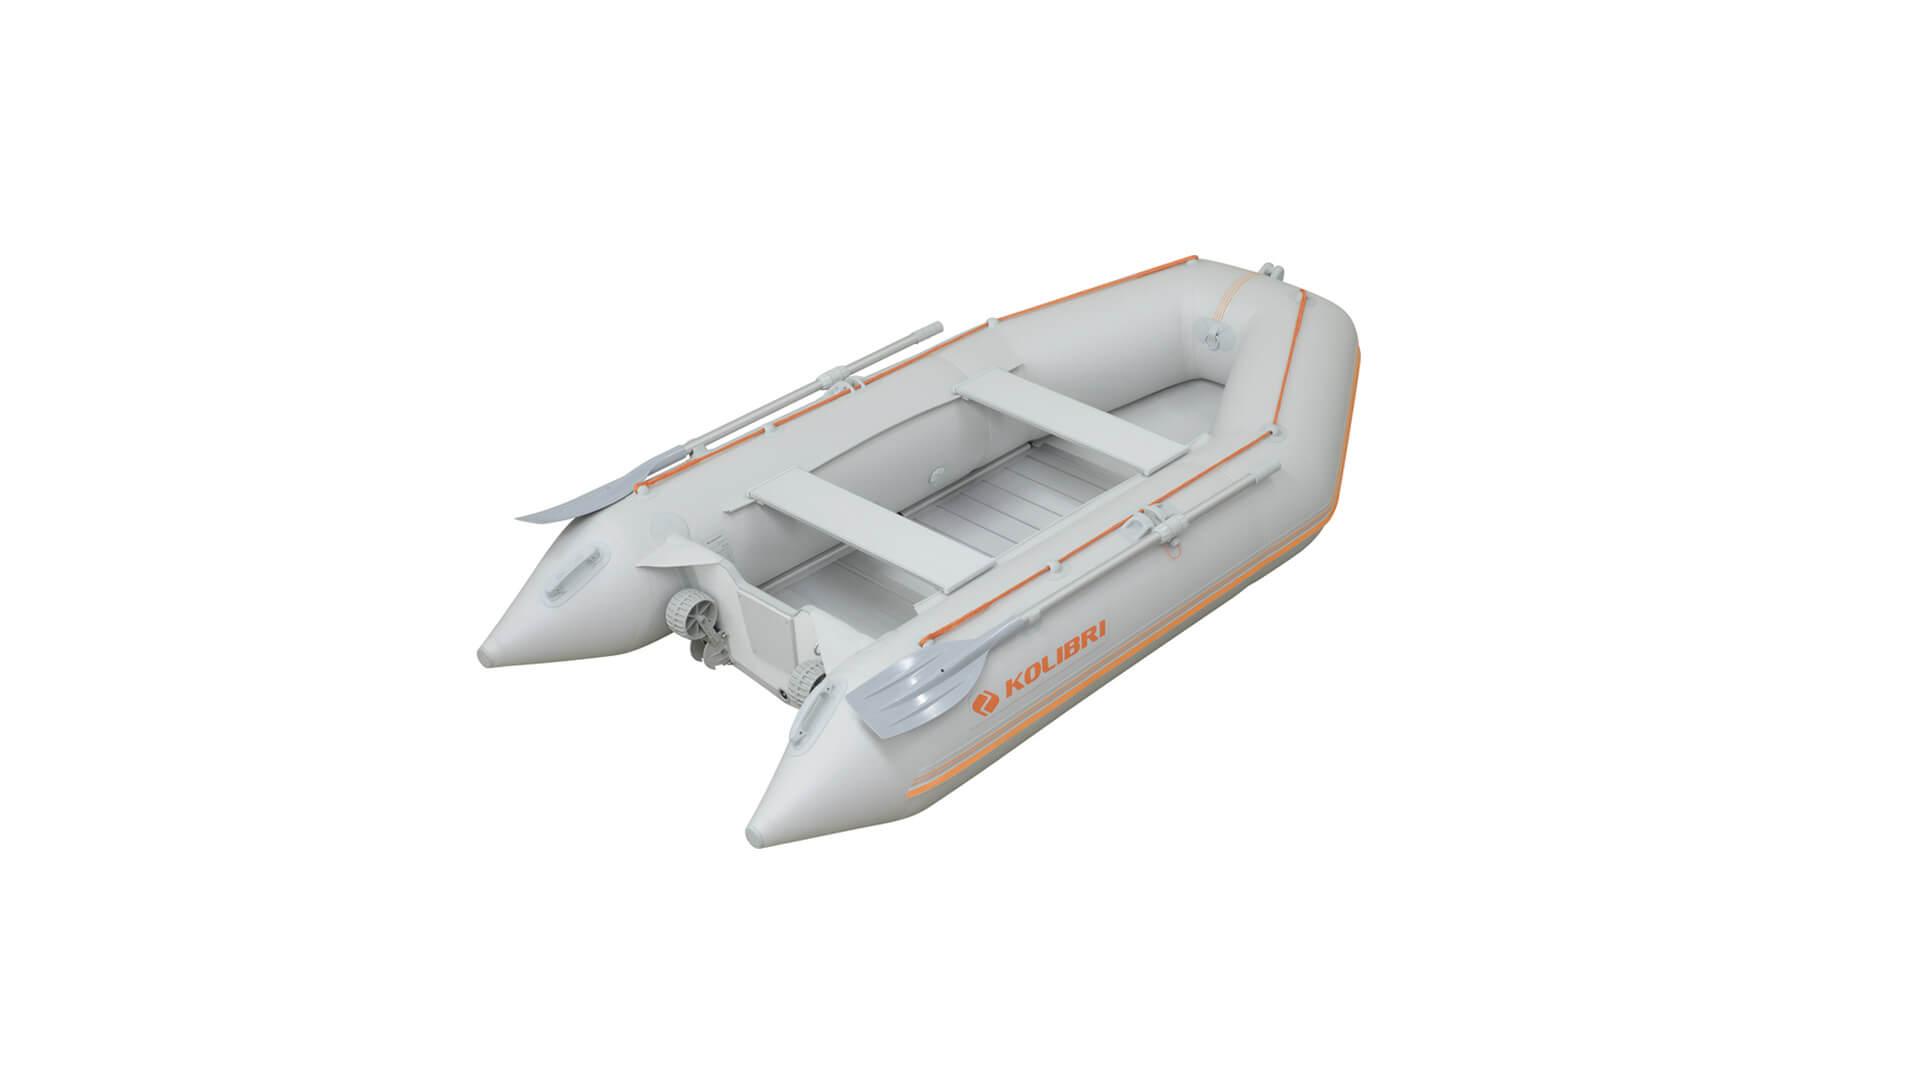 Надувная лодка Колибри КМ-300D, Надувная лодка Колибри КМ-300D, Надувная лодка Kolibri KM-300D, Надувная лодка Kolibri KM-300D, KOLIBRI KM-300D, Колибри KM-300D, KOLIBRI KM 300D, KM-300D, KOLIBRI KM300D, KM300D, Колибри Лайт, Надувная лодка KOLIBRI, Надувная лодка Колибри, Колибри Профи, Разборная лодка, Складная лодка, надувная лодка с транцем, надувная лодка для рыбалки, надувная лодка пвх, лодка пвх